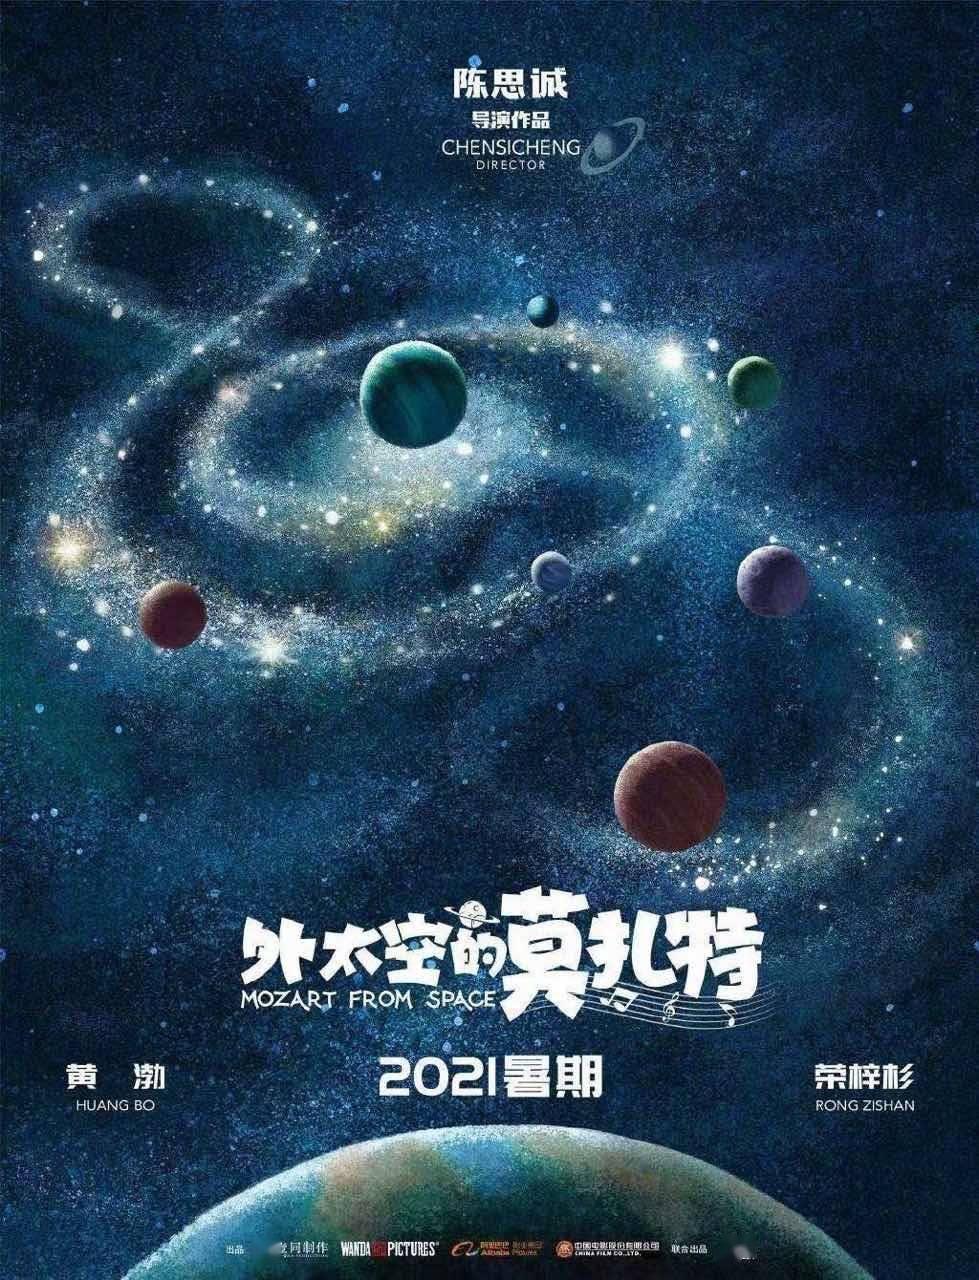 陈思诚新片《外太空的莫扎特》定档明年暑期,黄渤荣梓杉演父子